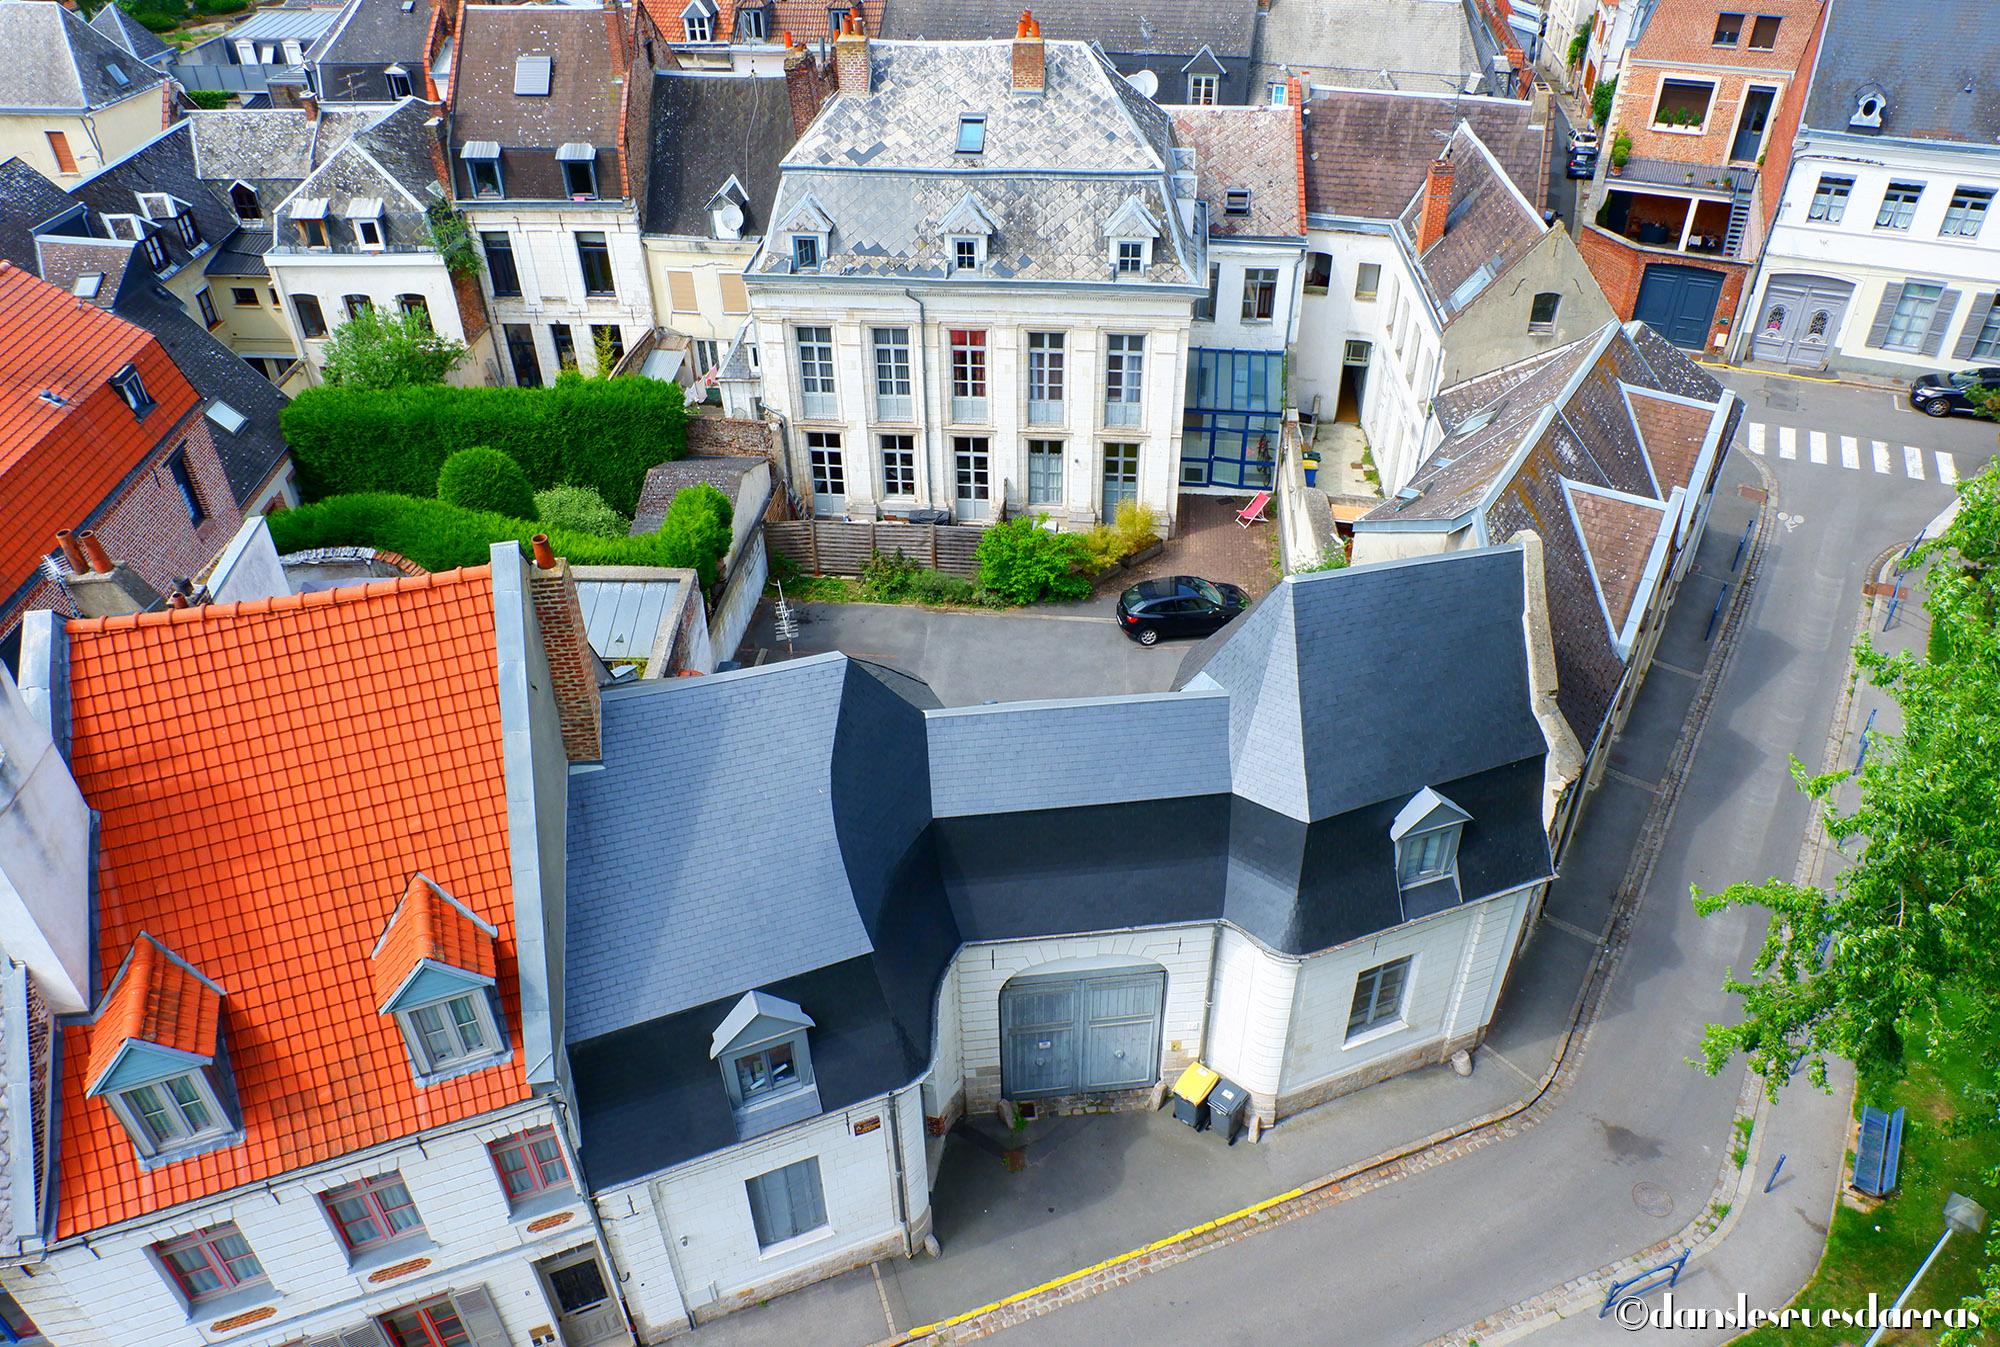 Hôtel Blocquel de Croix de Wismes - 7 rue Saint-Jacques - Arras (©MD - danslesruesdarras)